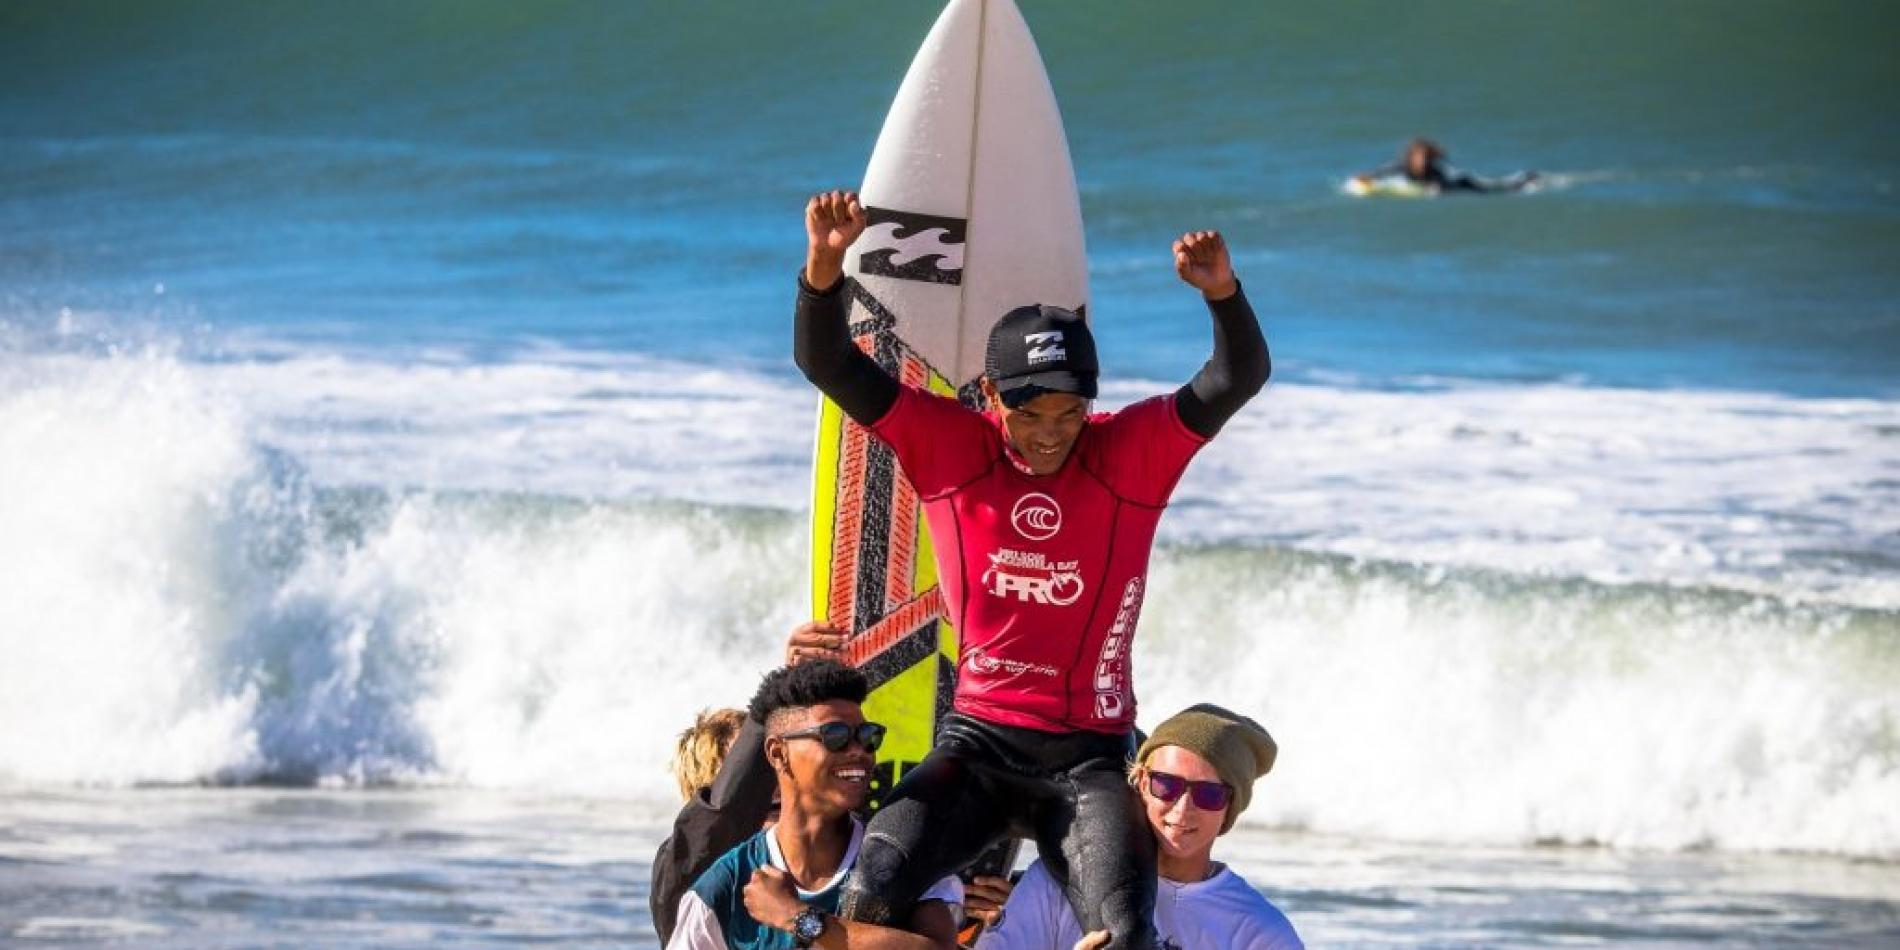 Nelson-Mandela-Bay-Surf-Pro_IanThurtell_Joshe-Faulkner2-1-1024x683